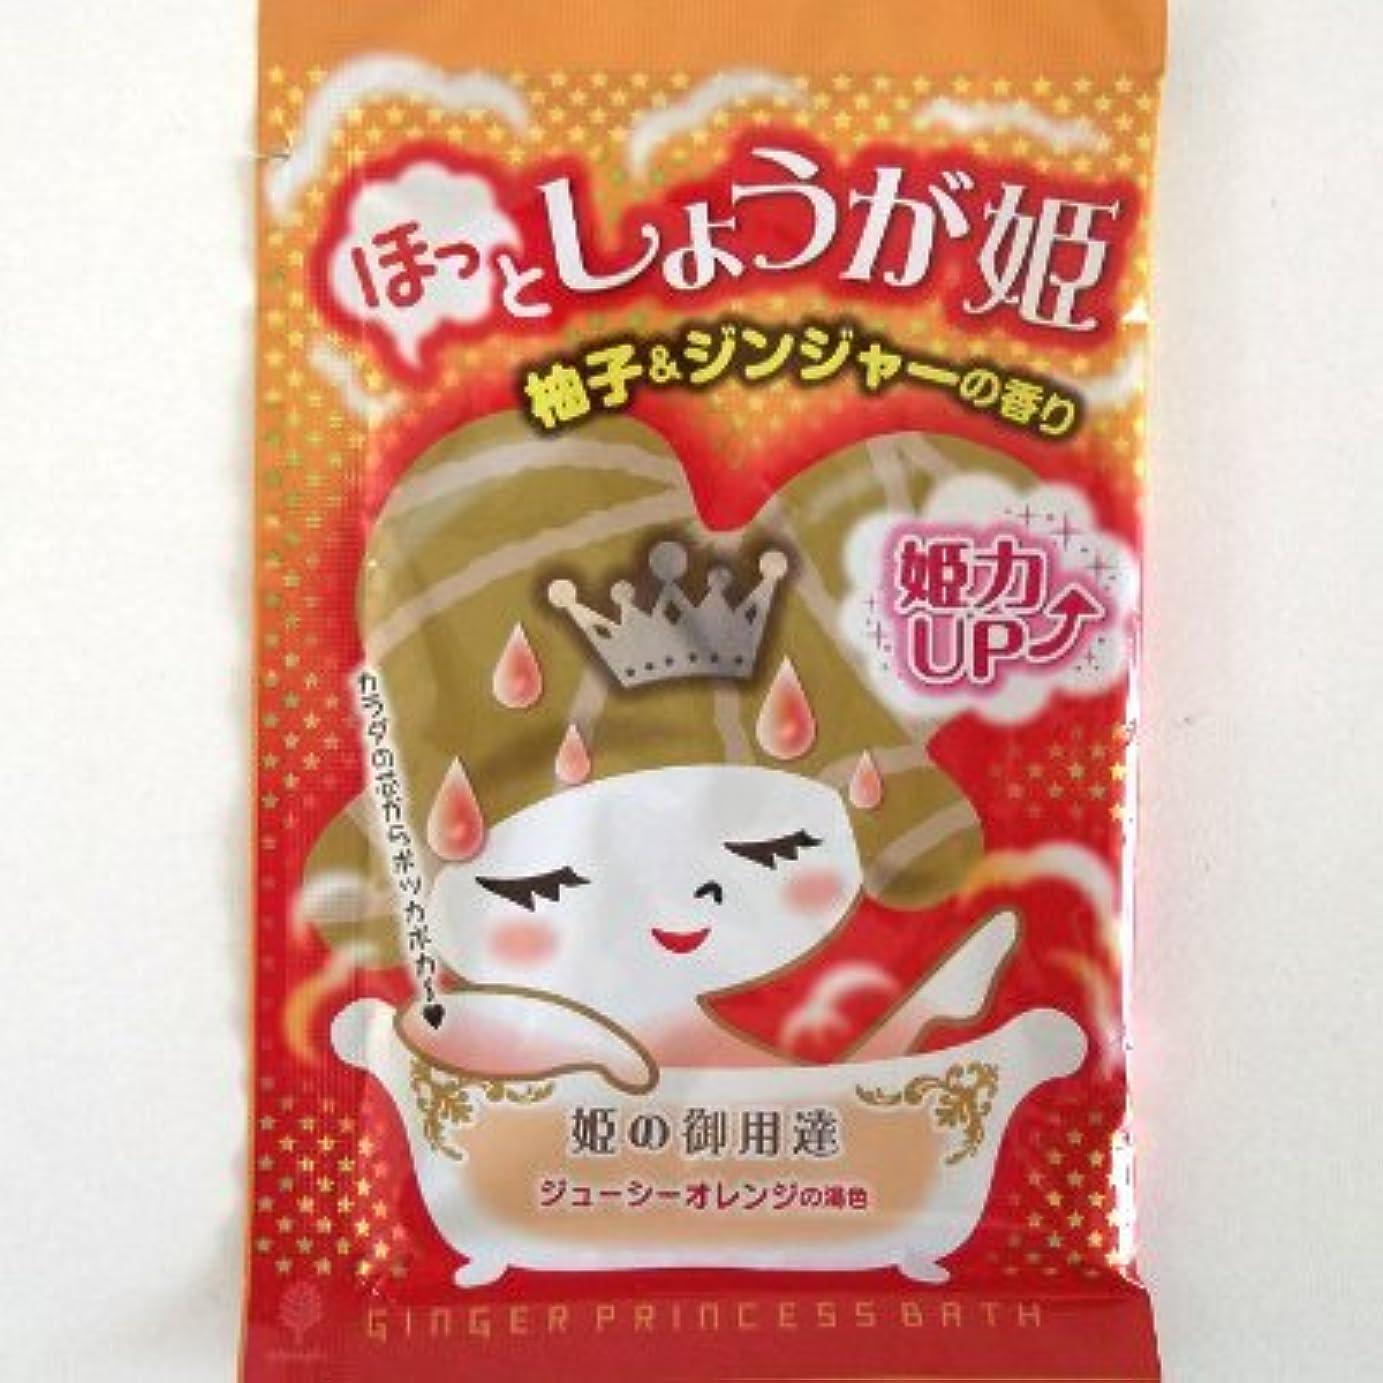 当社かご側面紀陽除虫菊 ほっとしょうが姫 柚子&ジンジャーの香り【まとめ買い12個セット】 N-8400